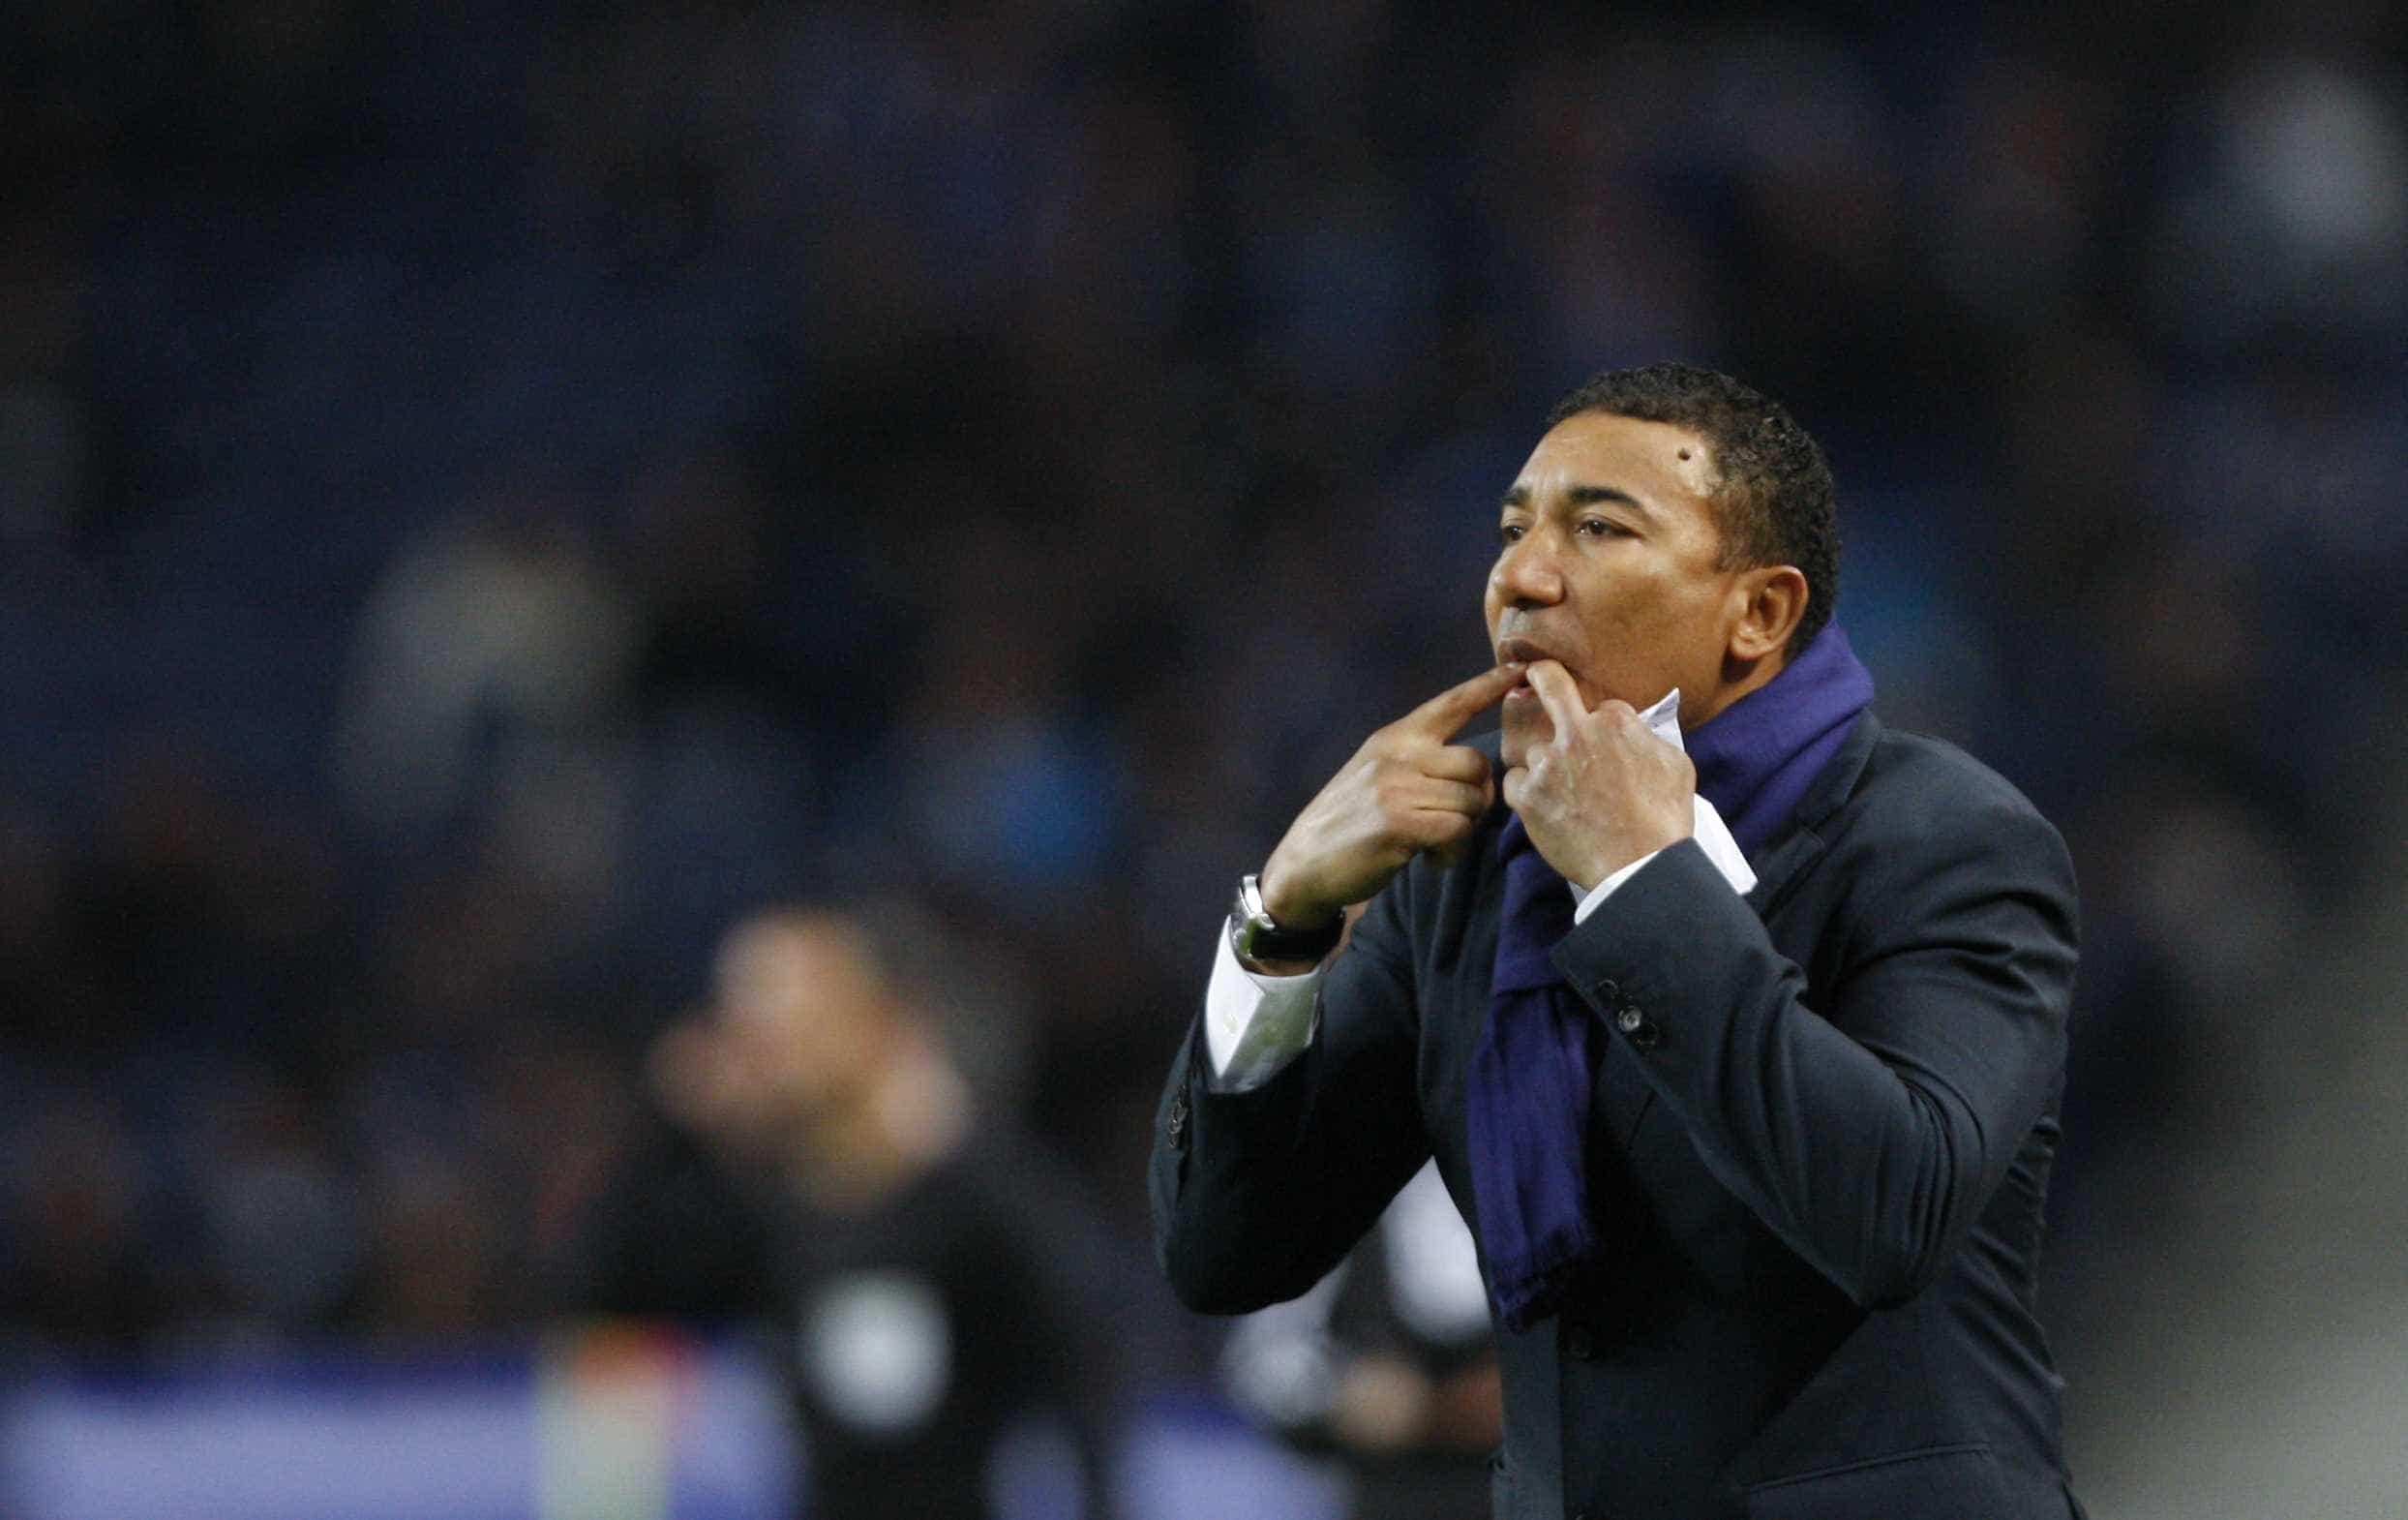 Oficial: Lito Vidigal é o novo treinador do Boavista